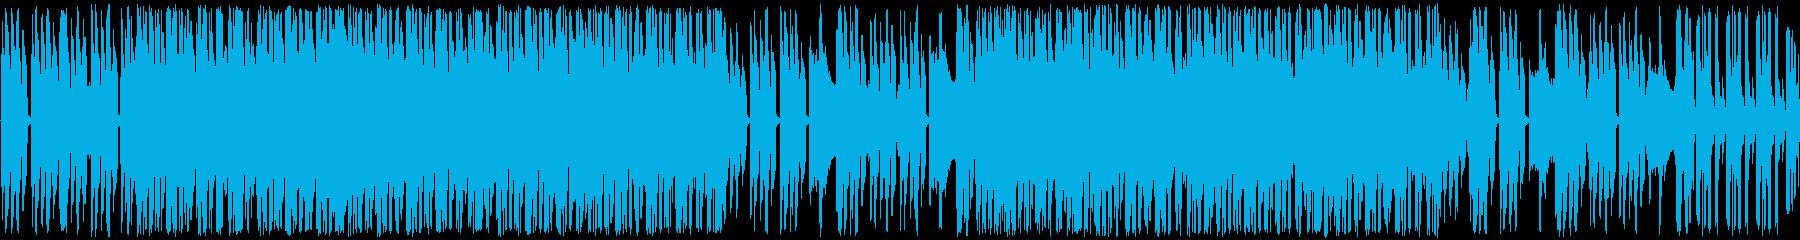 切ないヒップホップビートの再生済みの波形